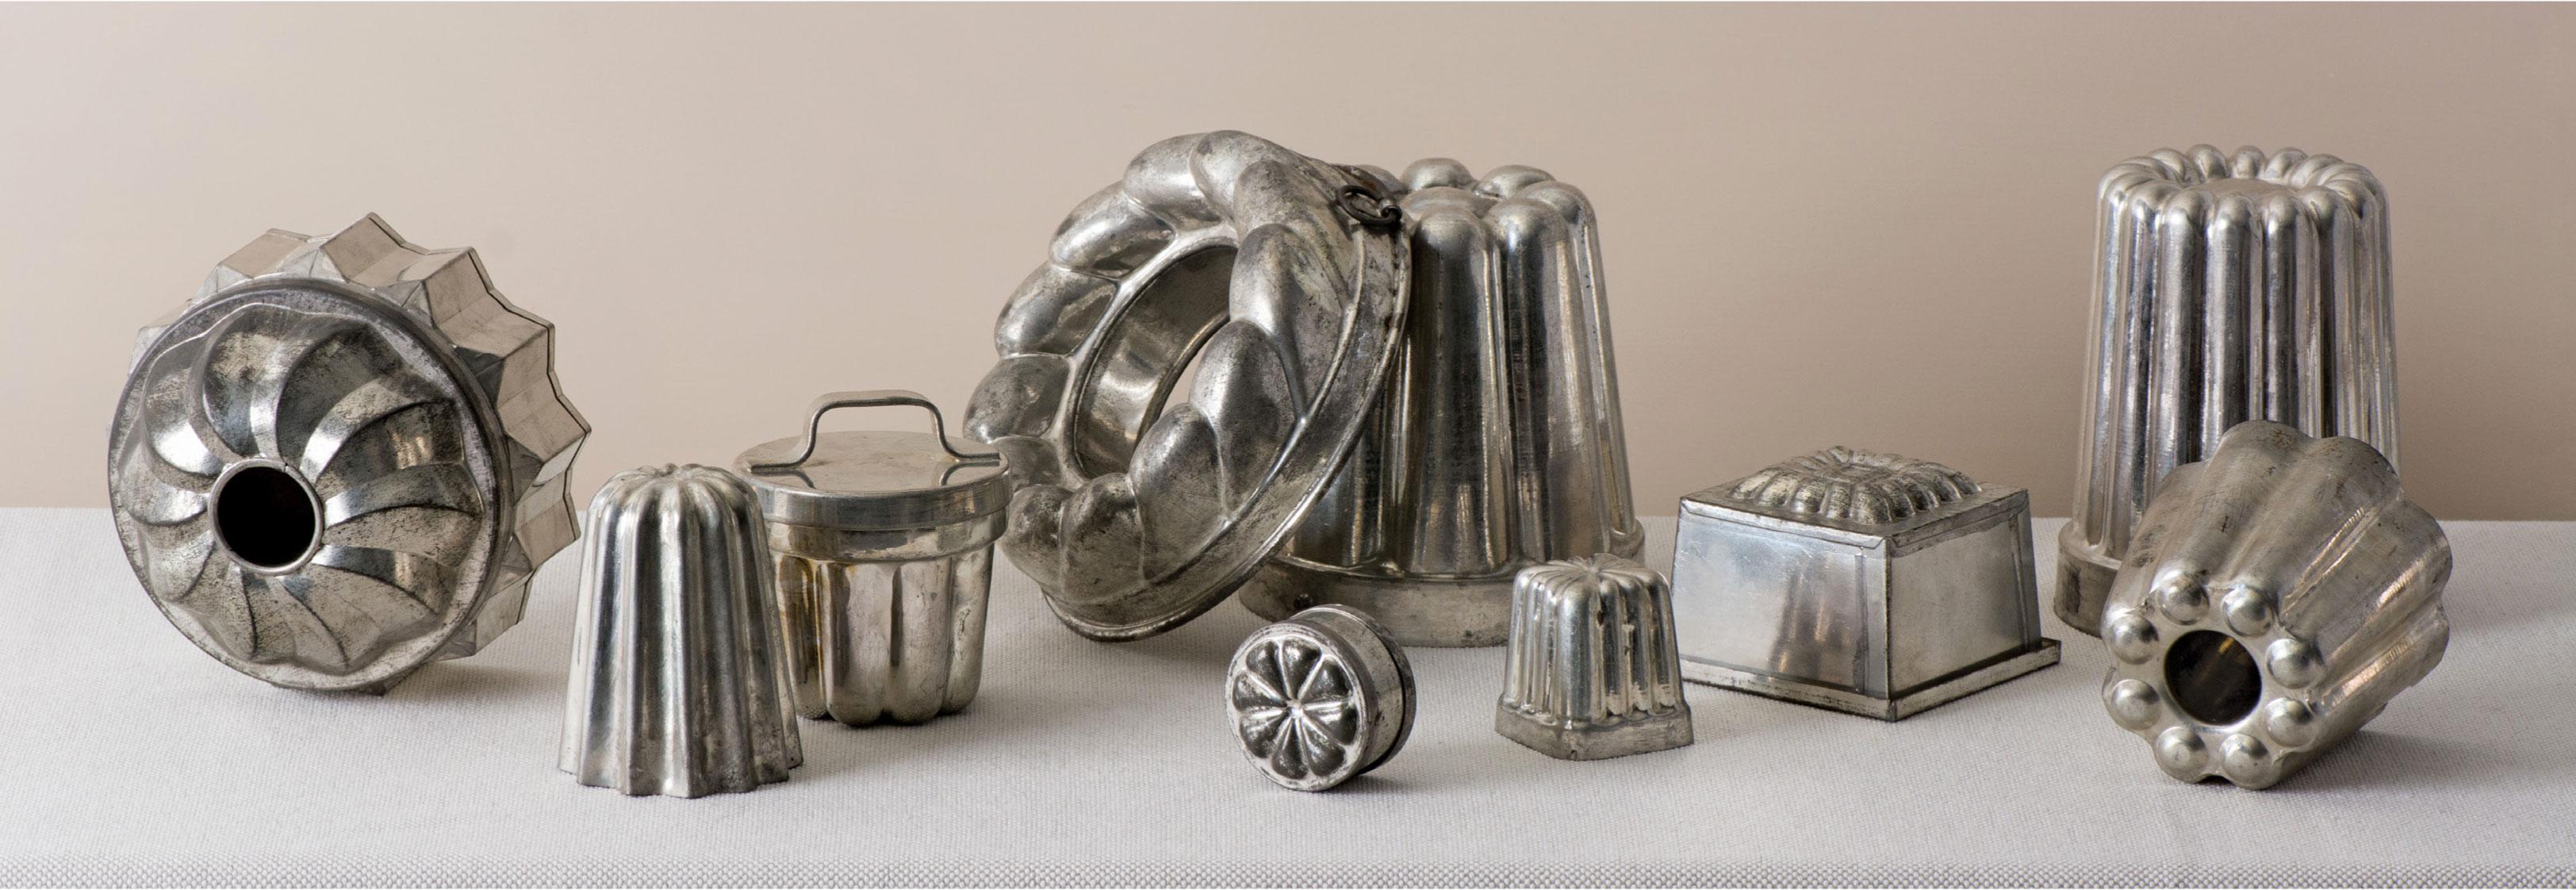 Vintage antico oggetti in metallo bibliotheca culinaria - Oggetti da cucina ...